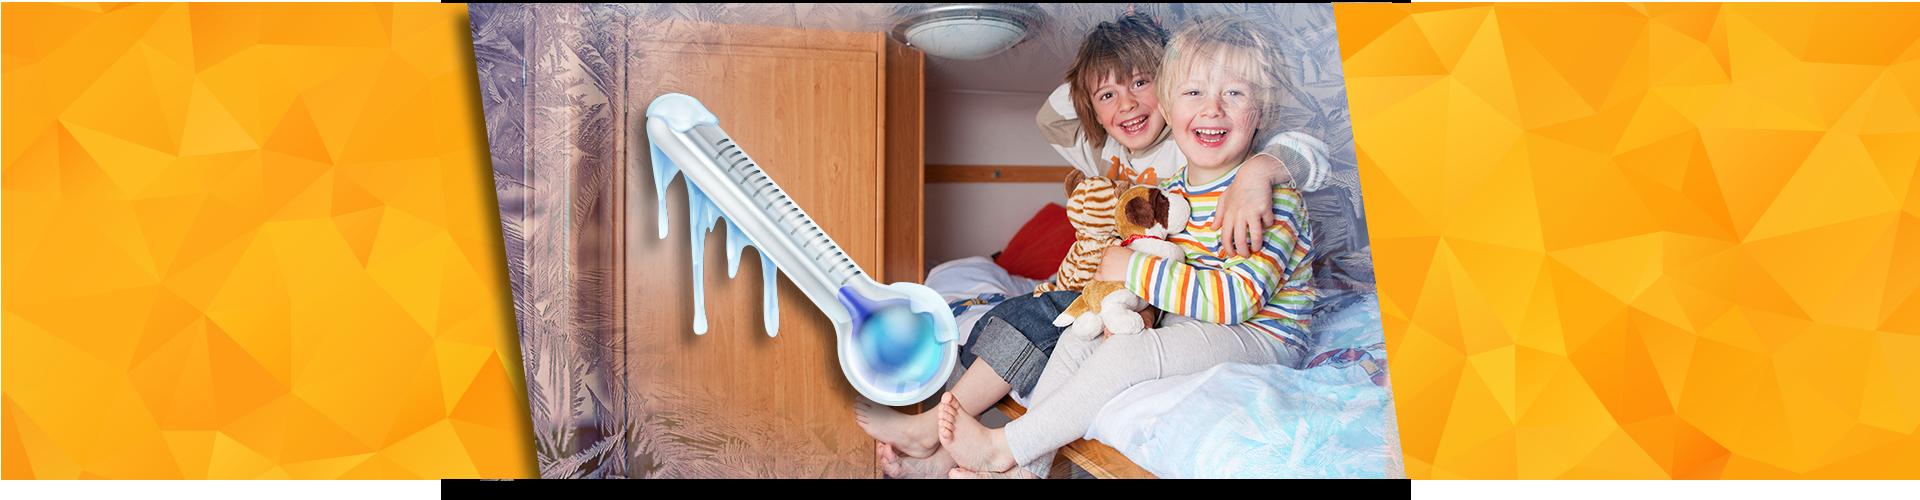 Kids in cold RV